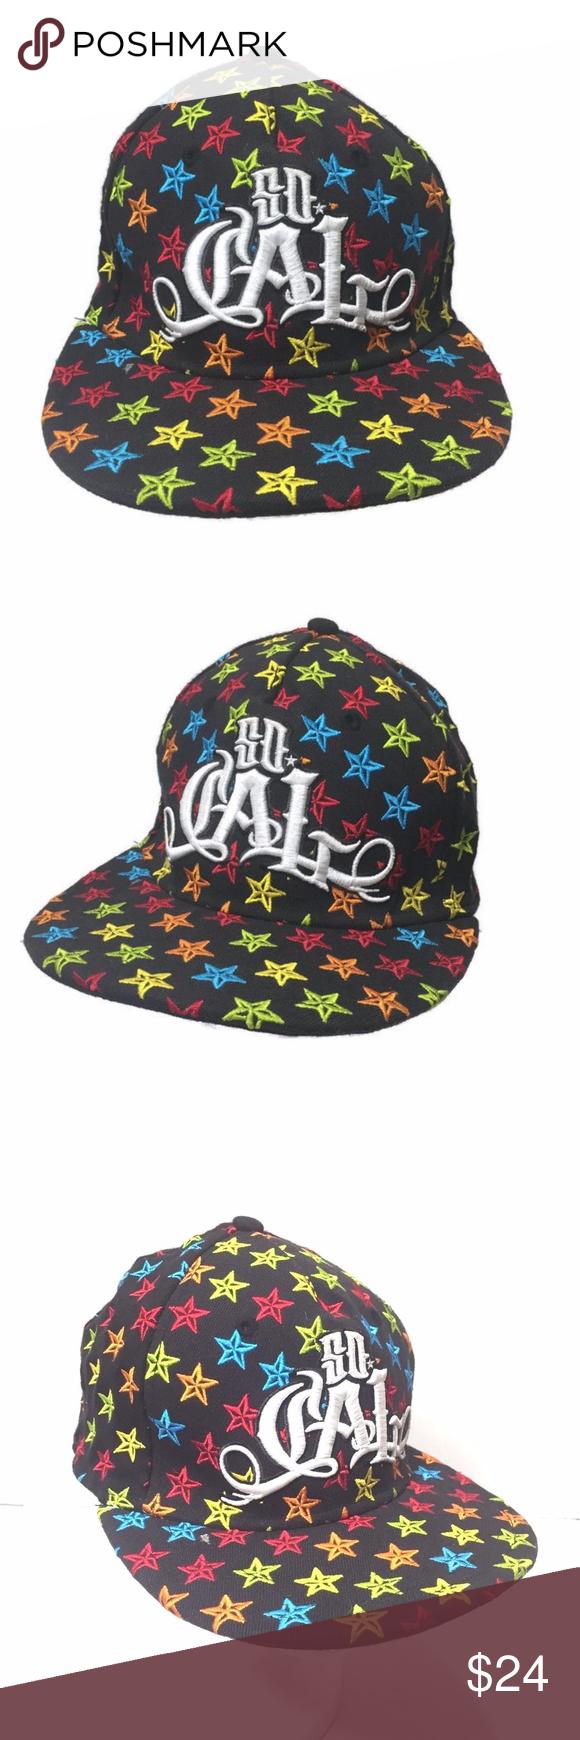 7ad59519c0f44a SoCal Hat California LA Beach Urban Flat Bill So Cali Urban Street wear  Flex Fit Hat